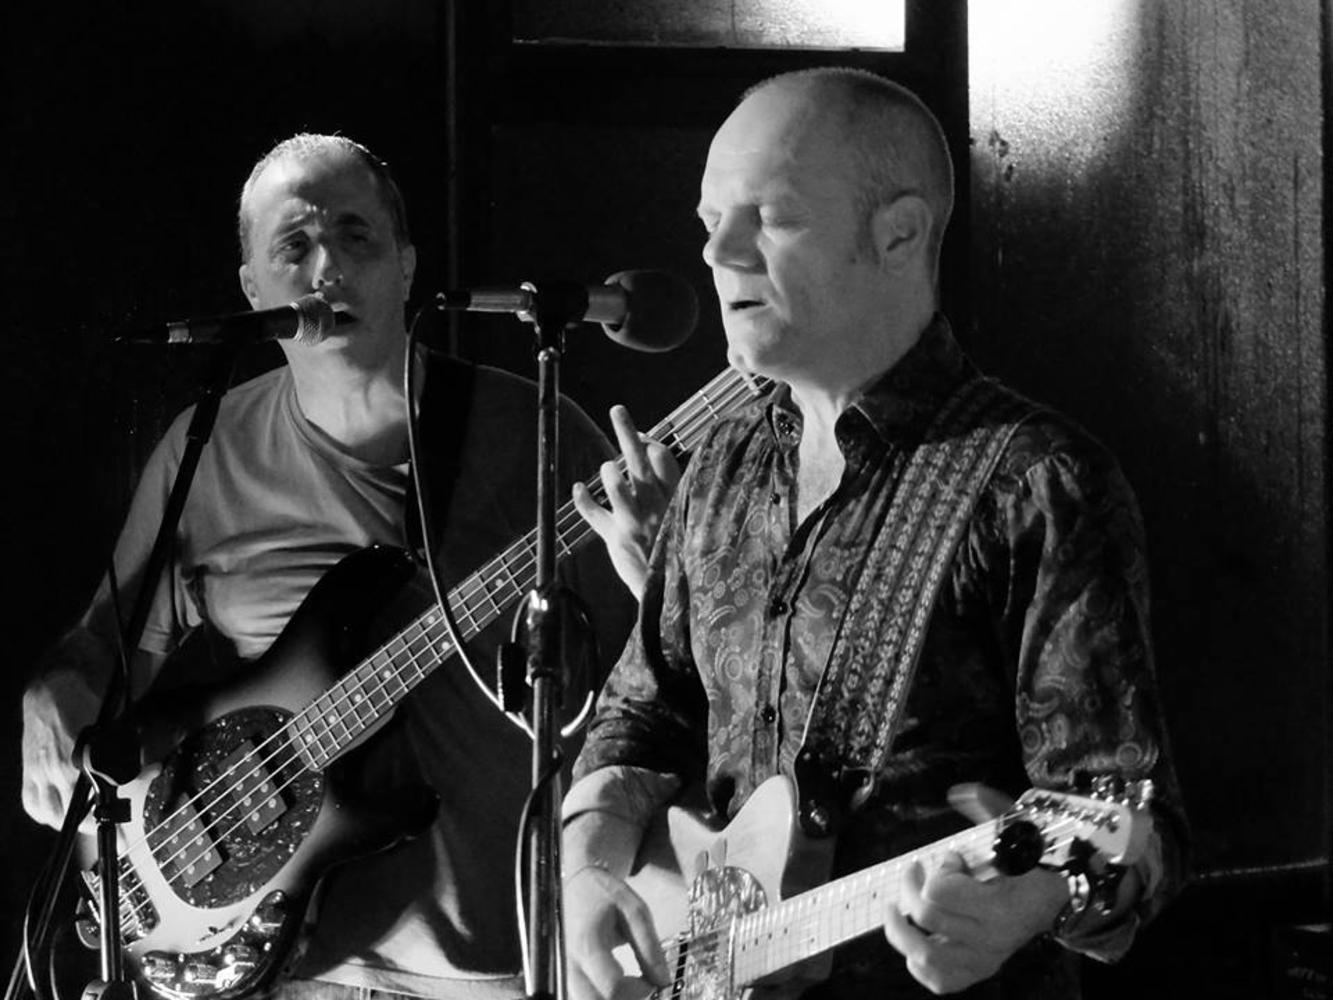 Jinx Brothers - Band in Cambridge EN - BandMix.co.uk